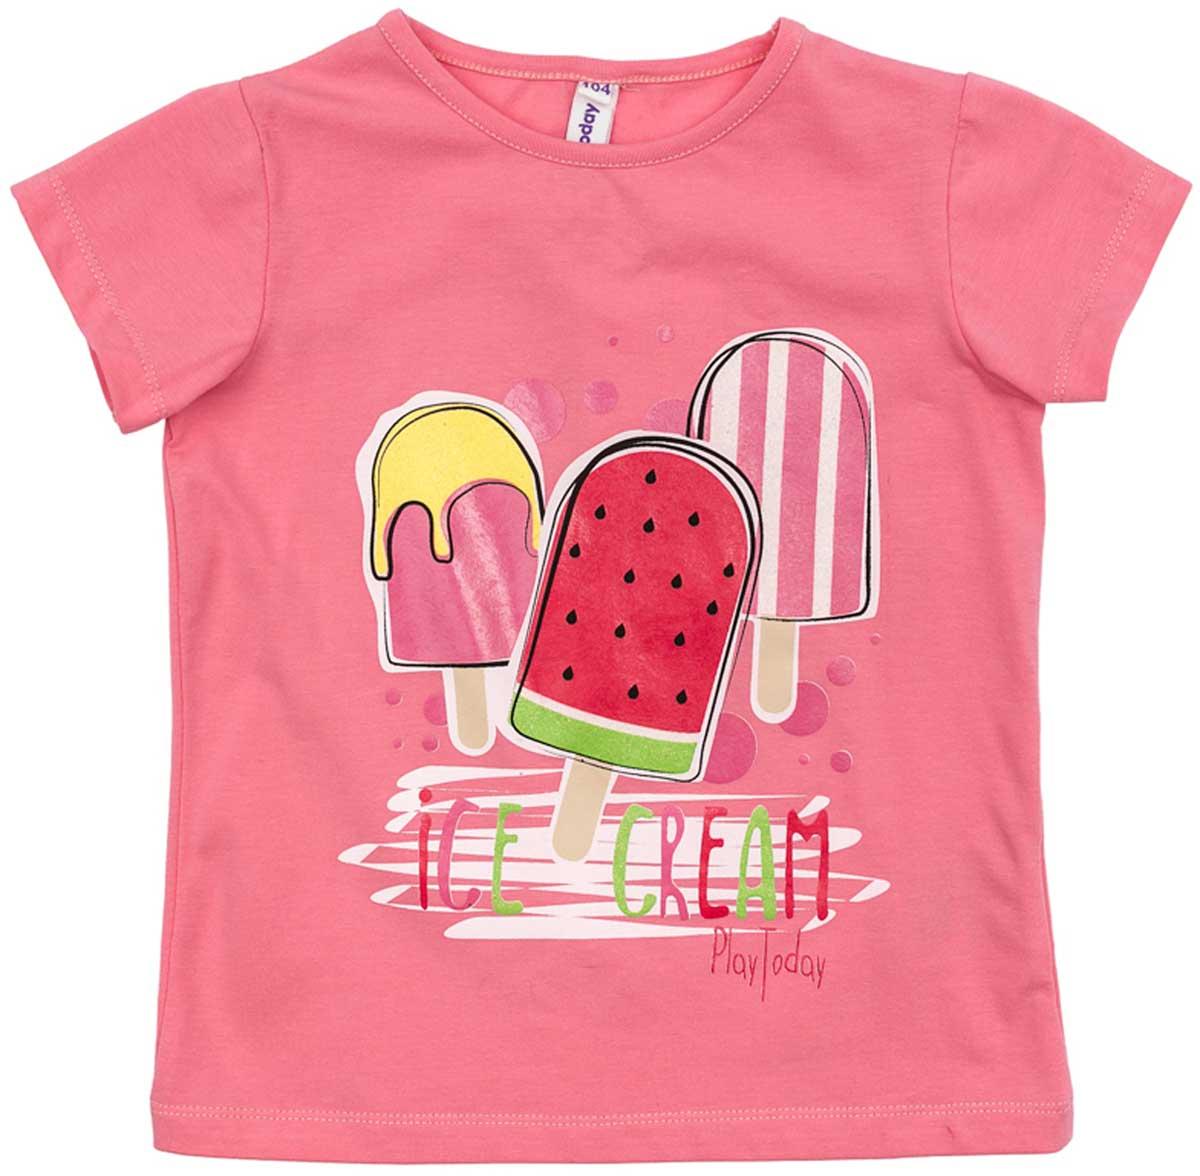 Футболка для девочки PlayToday, цвет: розовый, красный, желтый, светло-зеленый. 172163. Размер 104172163Футболка для девочки PlayToday выполнена из хлопка и эластана. Модель с круглым вырезом горловины и короткими рукавами оформлена оригинальным принтом.